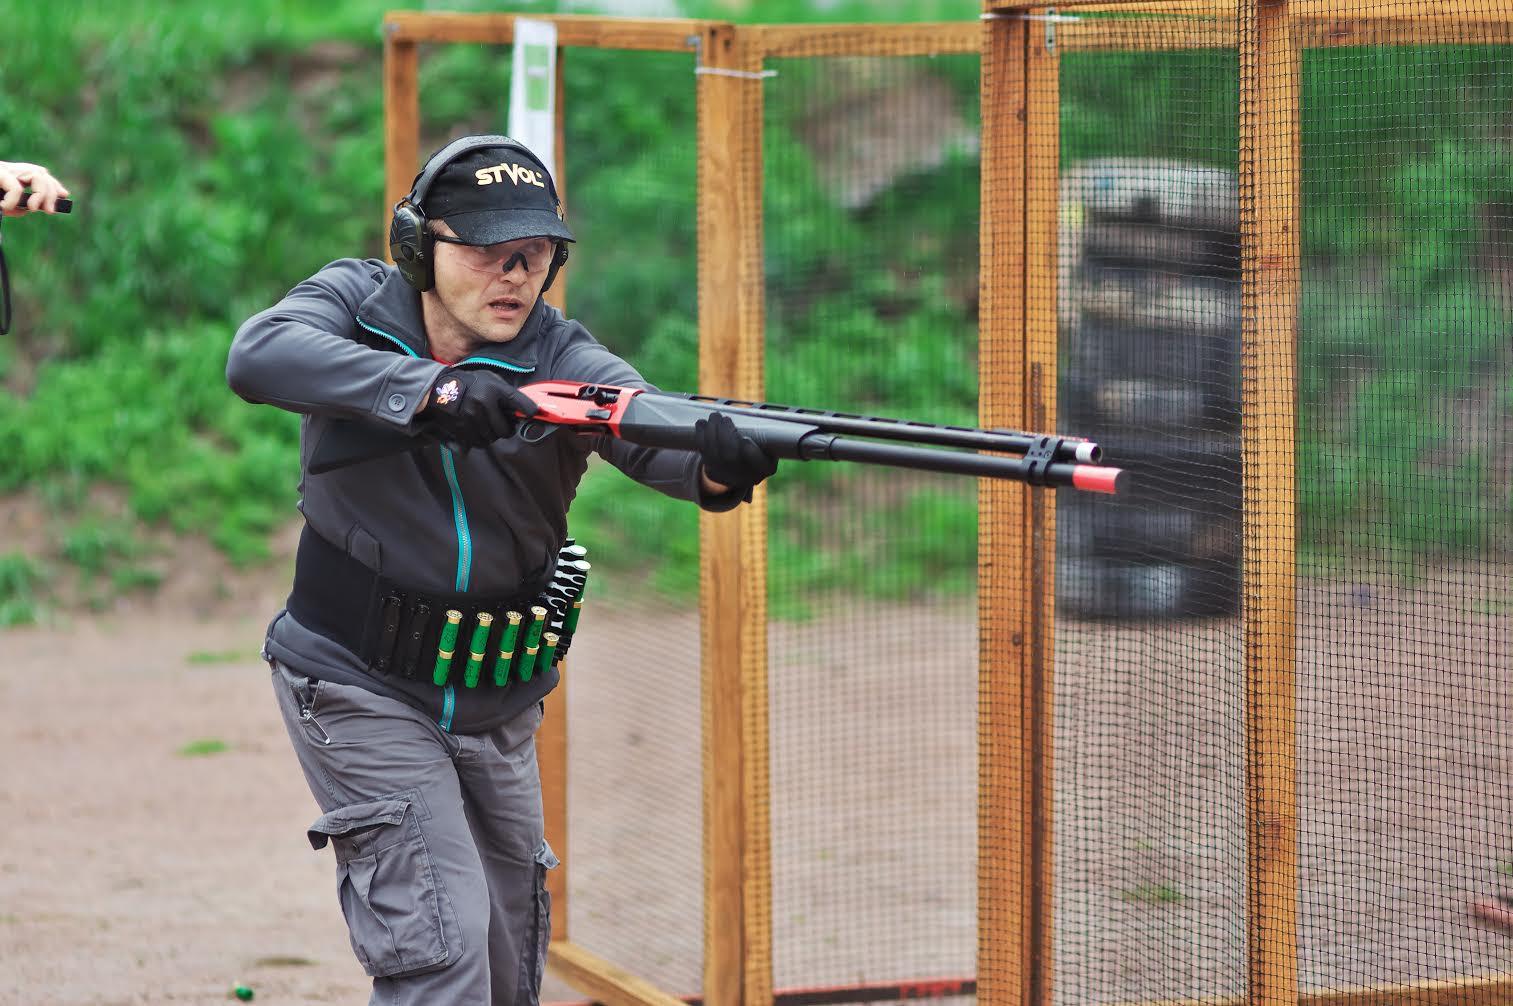 Оружие для спортивной стрельбы